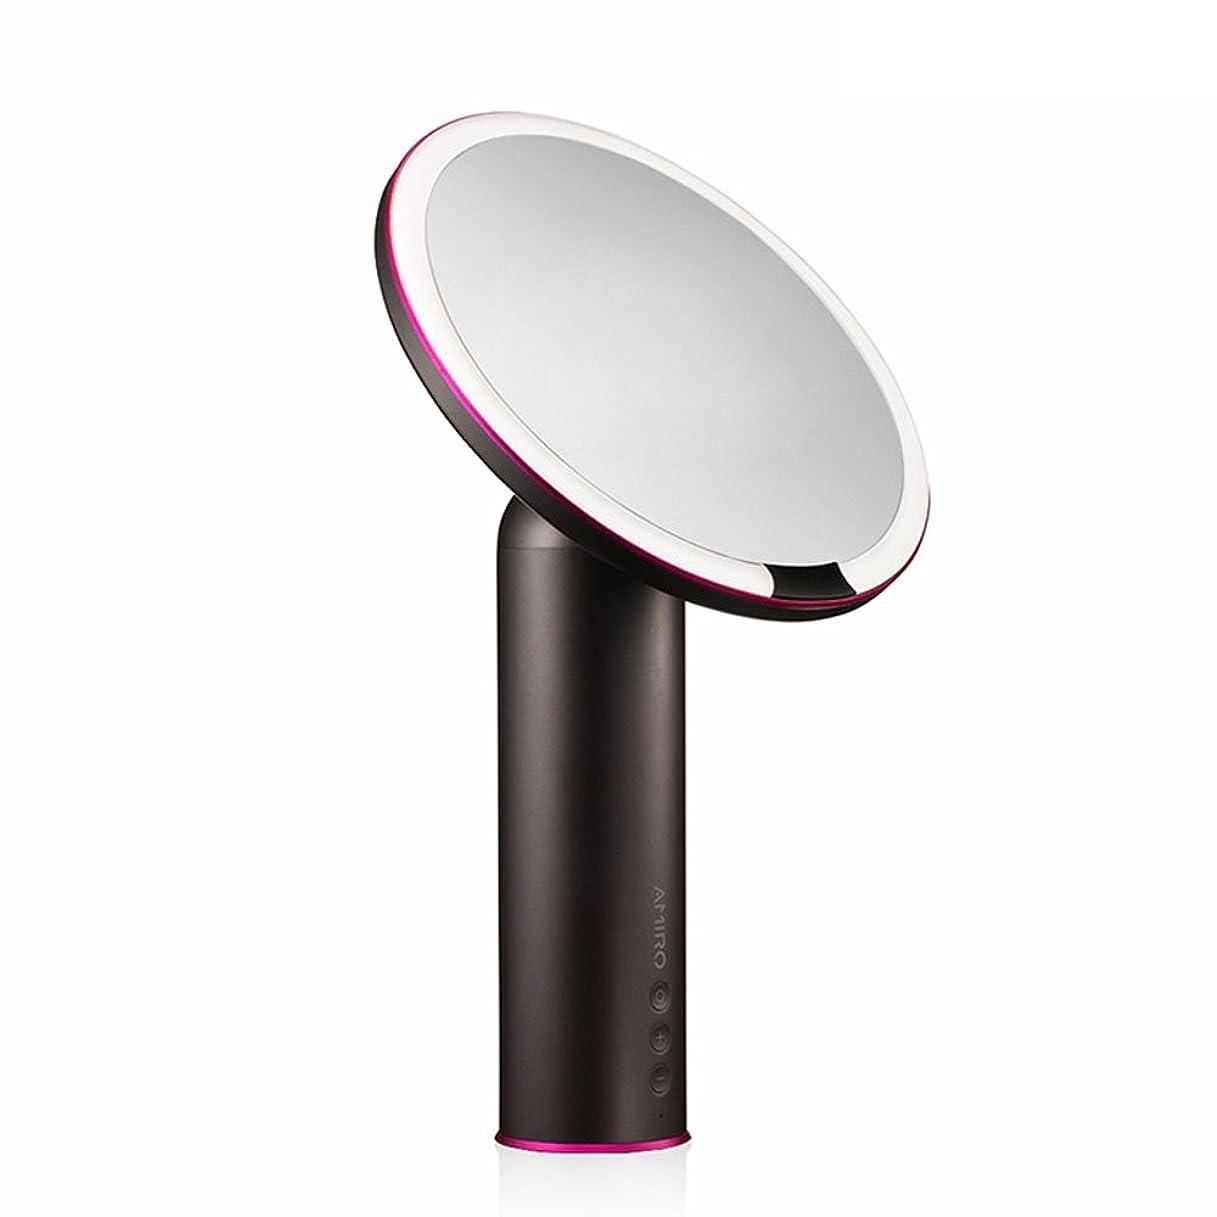 不可能な好き南方のAMIRO LED化粧鏡 人感センサー付き 化粧ミラー LEDライト付き 卓上鏡 女優ミラー 3段階明るさ調節可能 コードレス 充電式